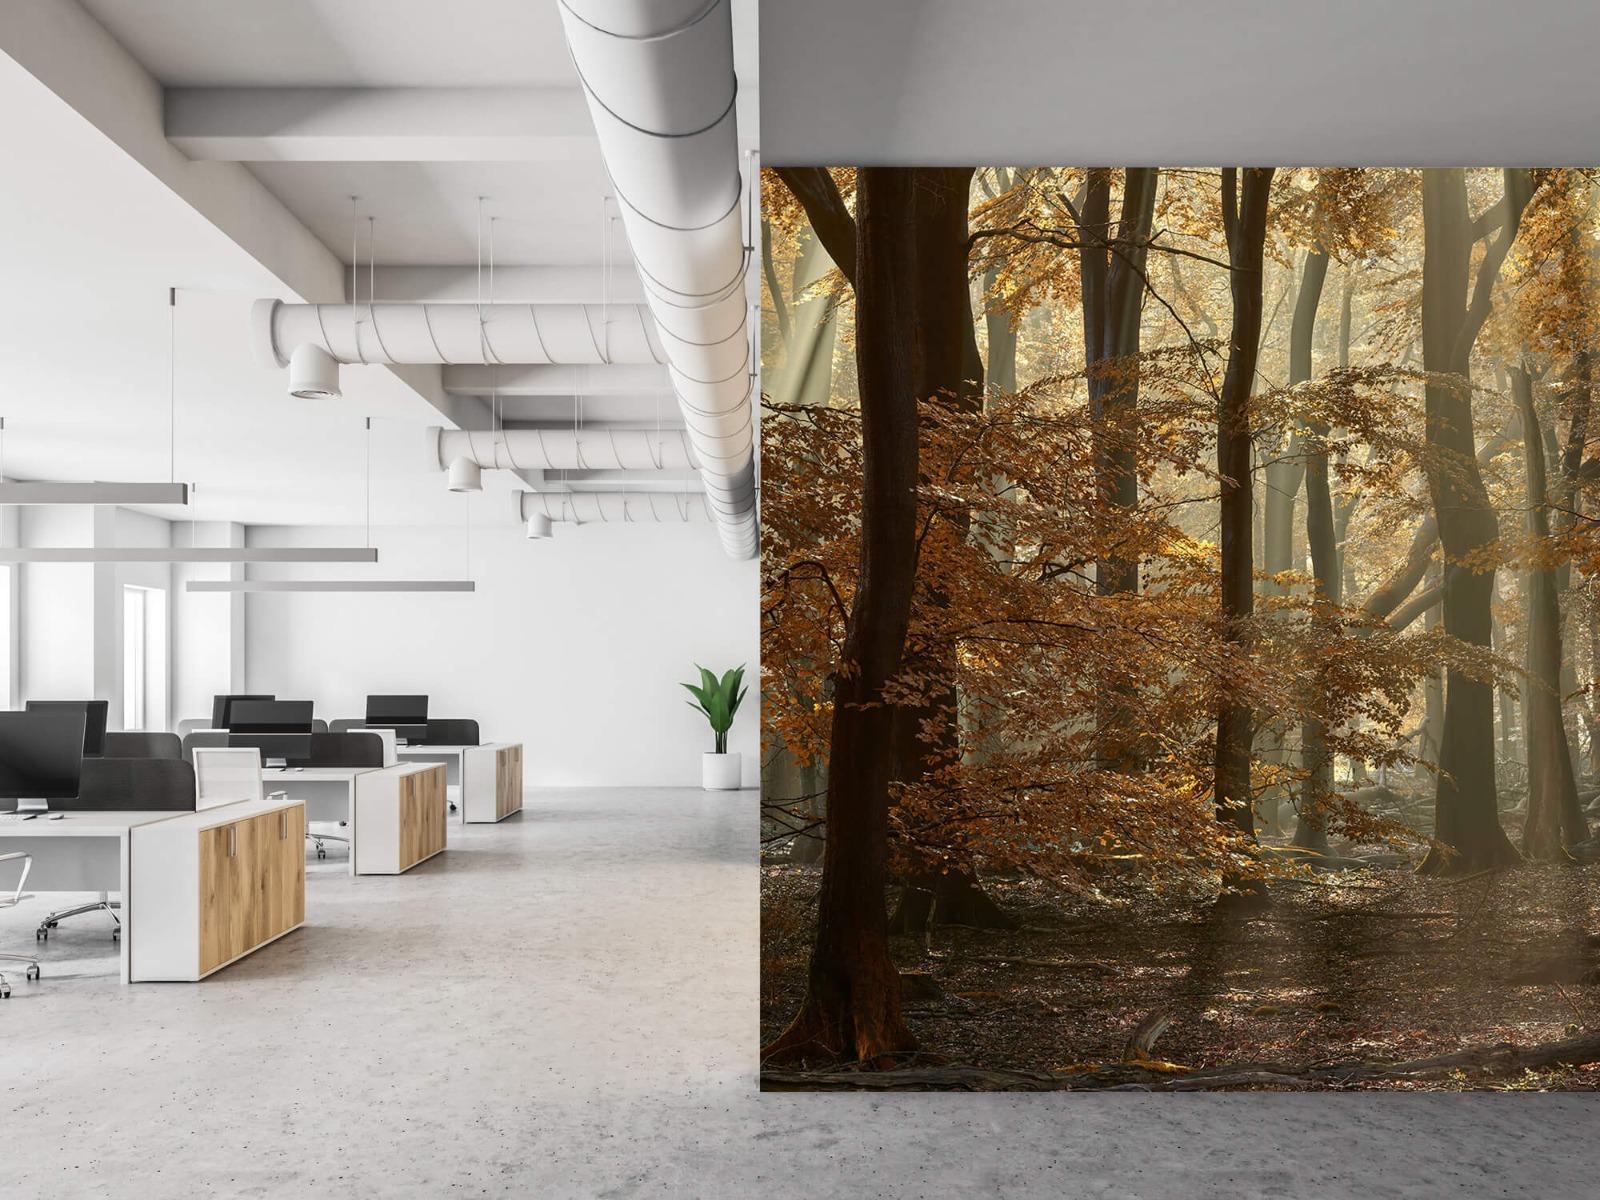 Bos behang - Herfstkleuren in het bos - Slaapkamer 21